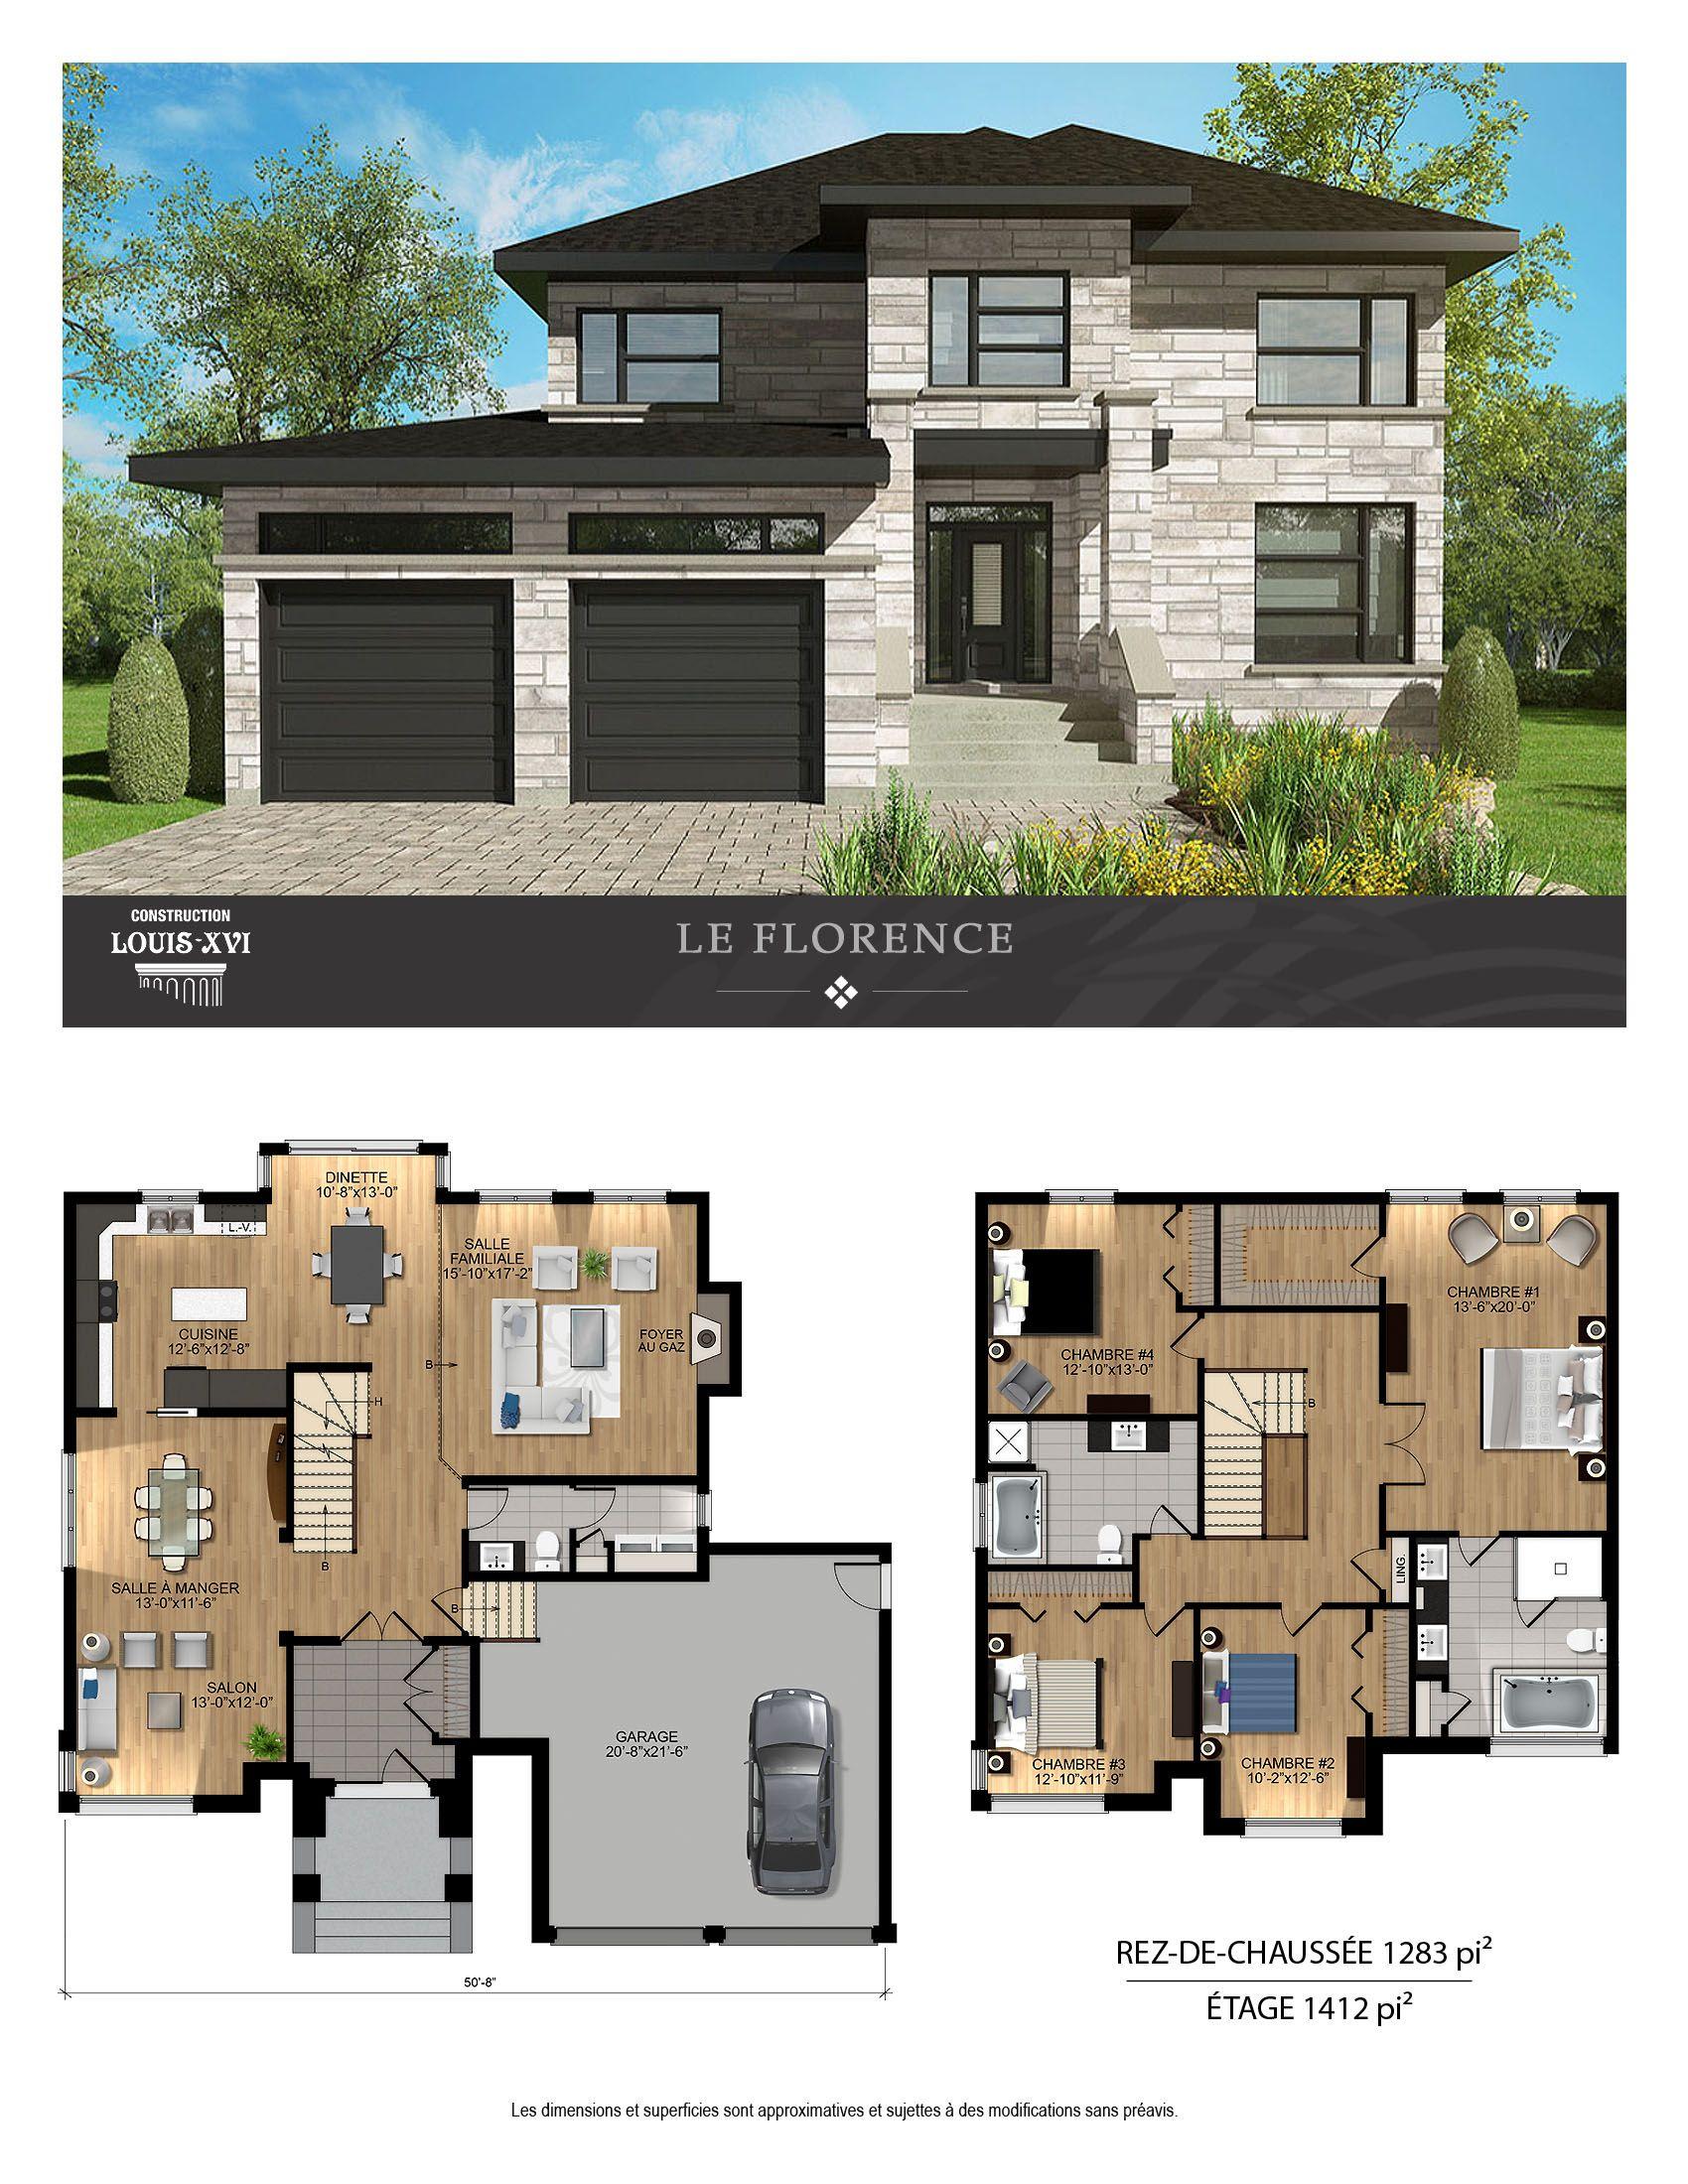 Maisons De Prestige Contemporaines A Vendre Construction Louis Seize Architecture House Sims House Plans Modern House Plans